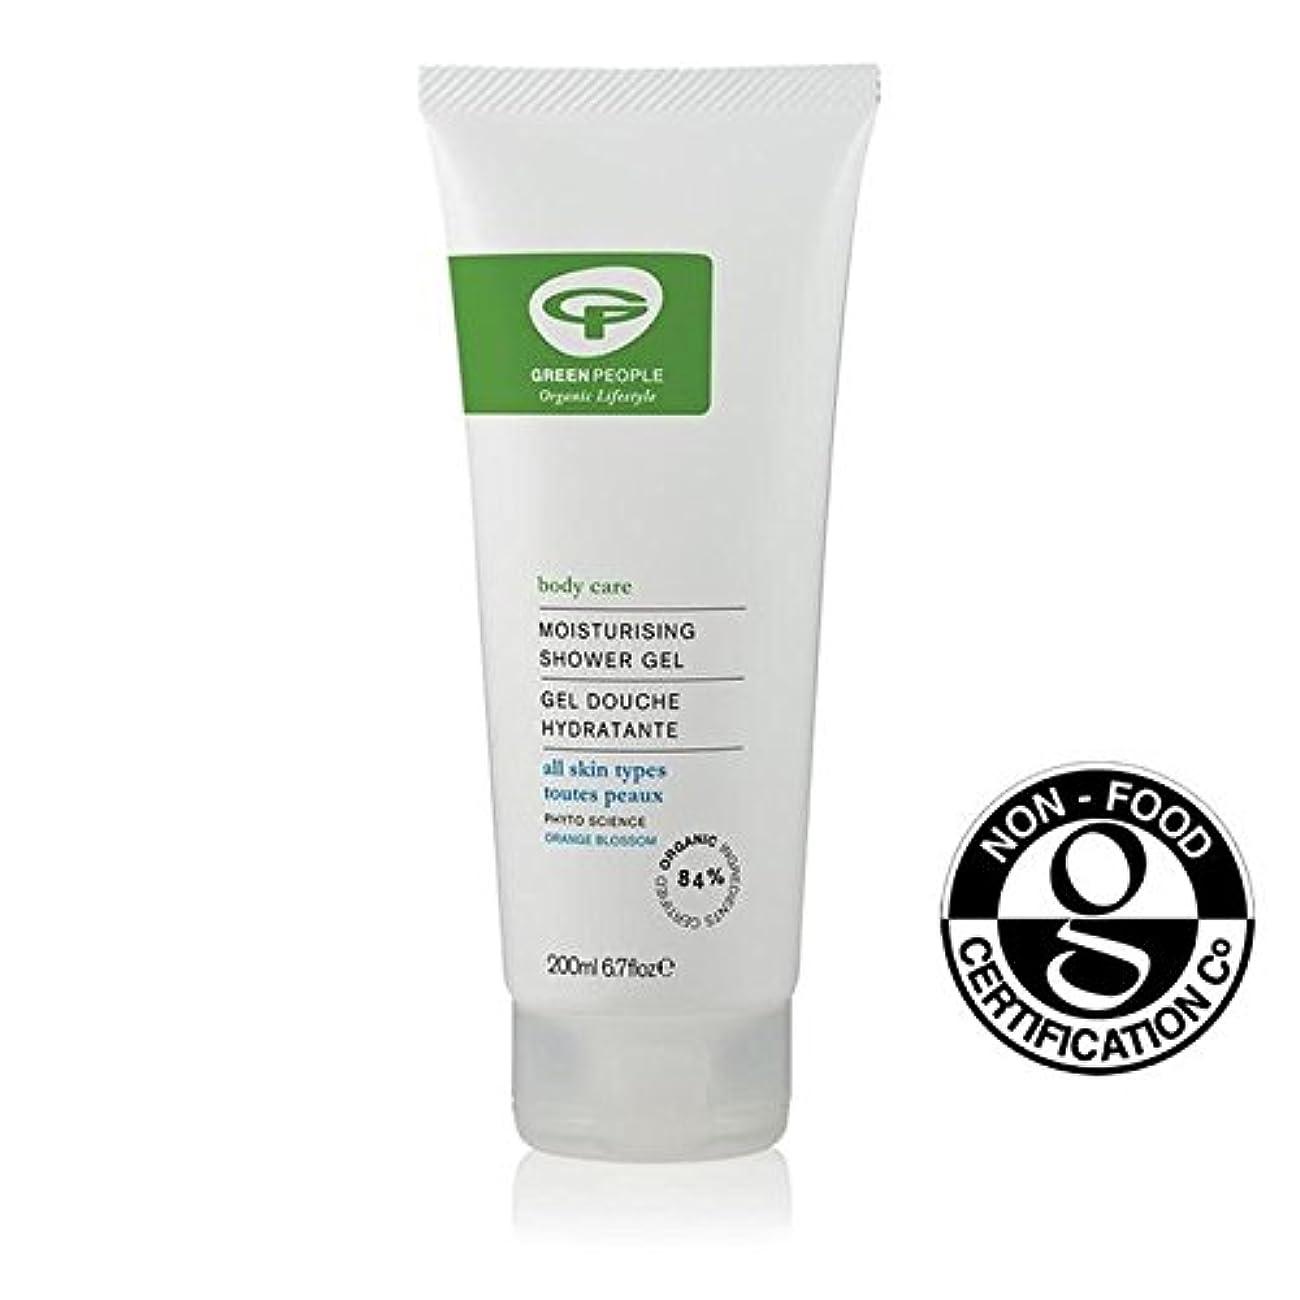 章かかわらず公平なGreen People Organic Moisturising Shower Gel 200ml (Pack of 6) - 緑の人々の有機保湿シャワージェル200 x6 [並行輸入品]